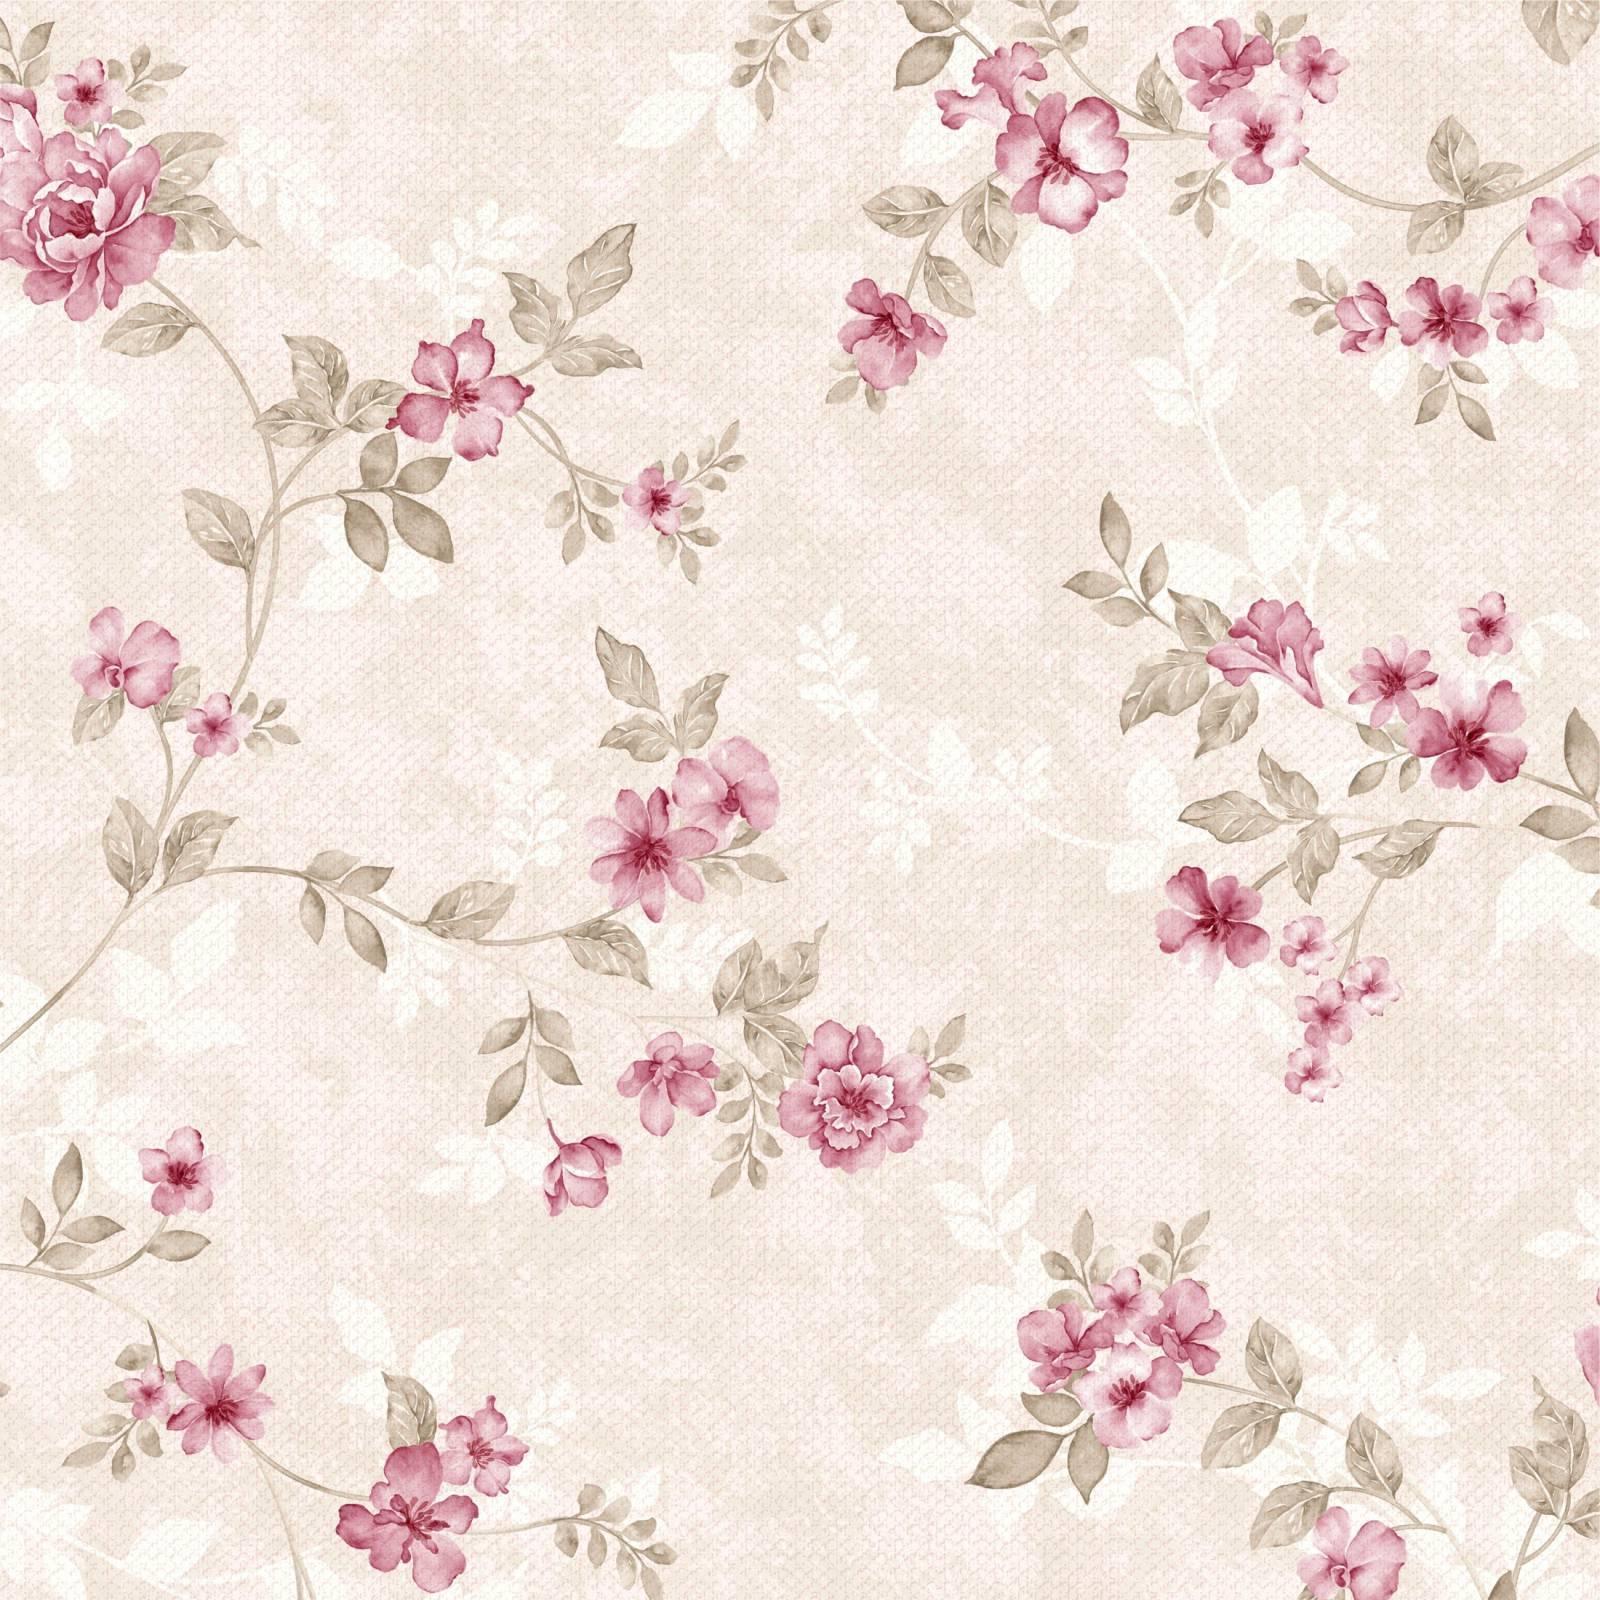 Papel de Parede Floral Rose | Adesivo Vinílico imagem 1